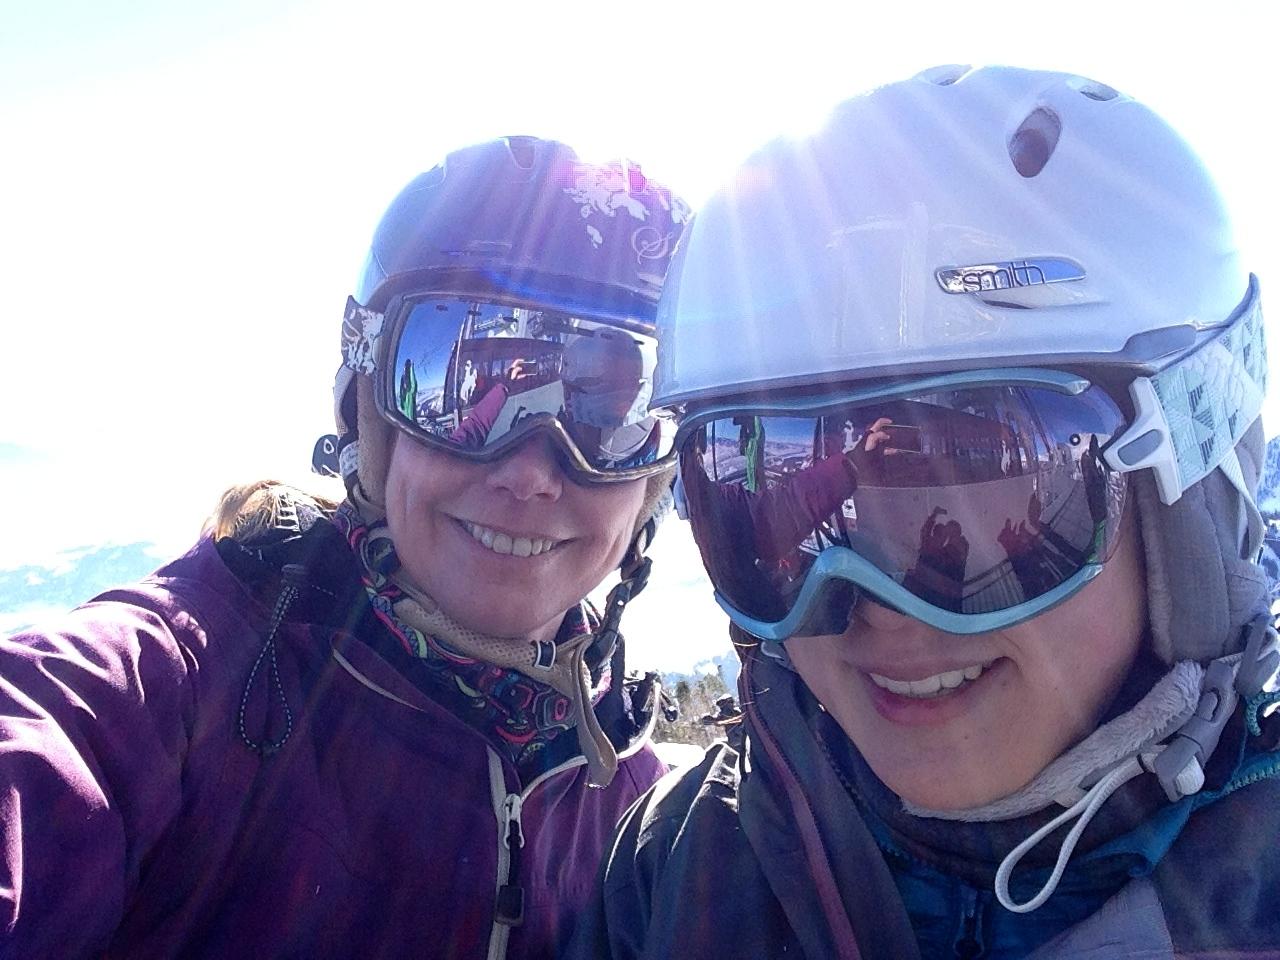 Jackson Hole Skiing